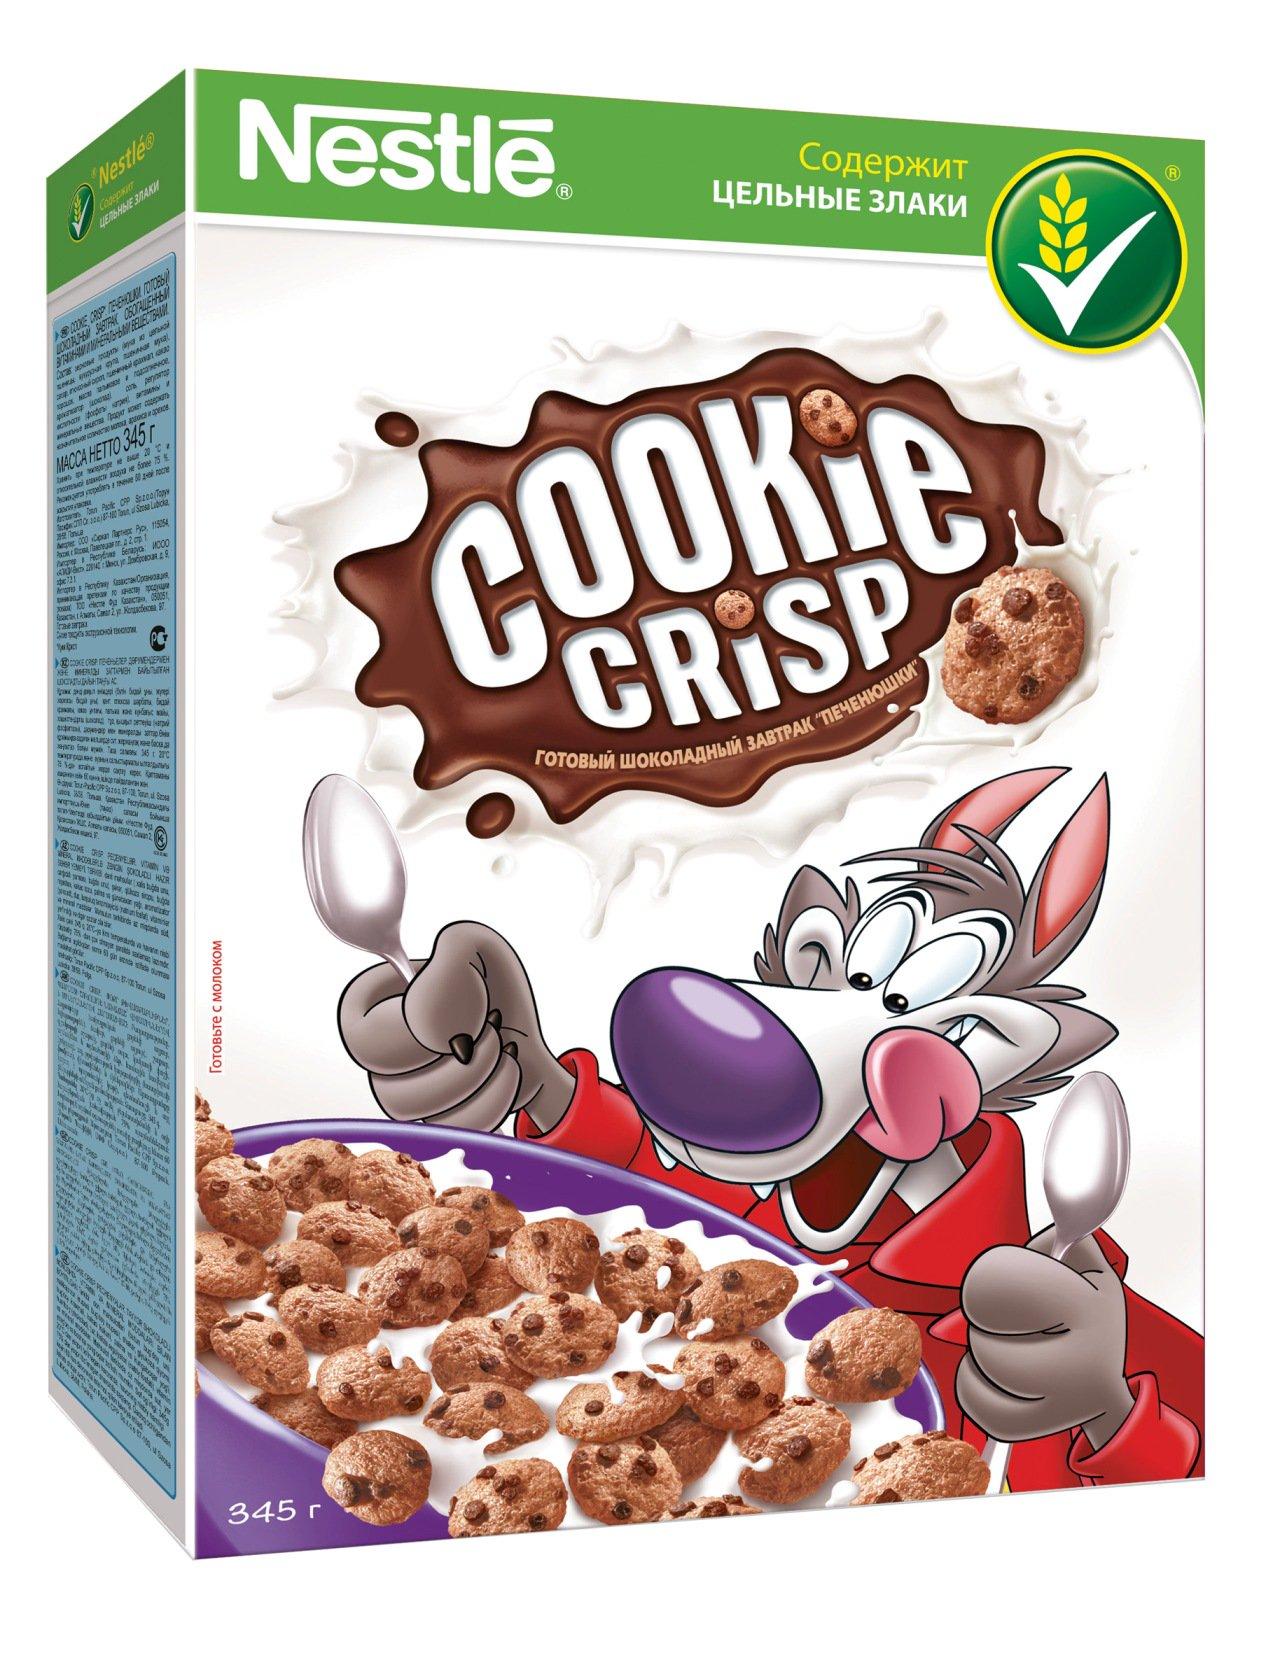 Nestle Cookie Crisp Печенюшки готовый завтрак, 345 г0120710Nestle Cookie Crisp - это вкусный и полезный готовый завтрак, который обязательно понравится и детям, и взрослым. Вкус печенья с молоком - одно из самых приятных детских воспоминаний для большинства людей. Cookie Crisp - это единственный готовый завтрак, который на вид и на вкус как печенюшки! Продукт несет в себе всю пользу цельных злаков, которые играют важную роль в рационе питания. Они от природы содержат полезные для здоровья вещества: сложные углеводы, витамины, минеральные вещества и клетчатку (пищевые волокна). Готовый завтрак Cookie Crisp прекрасно сочетается с молоком, йогуртом или кефиром. В каждой промо-коробке - игрушка на карандаш в виде пингвина.